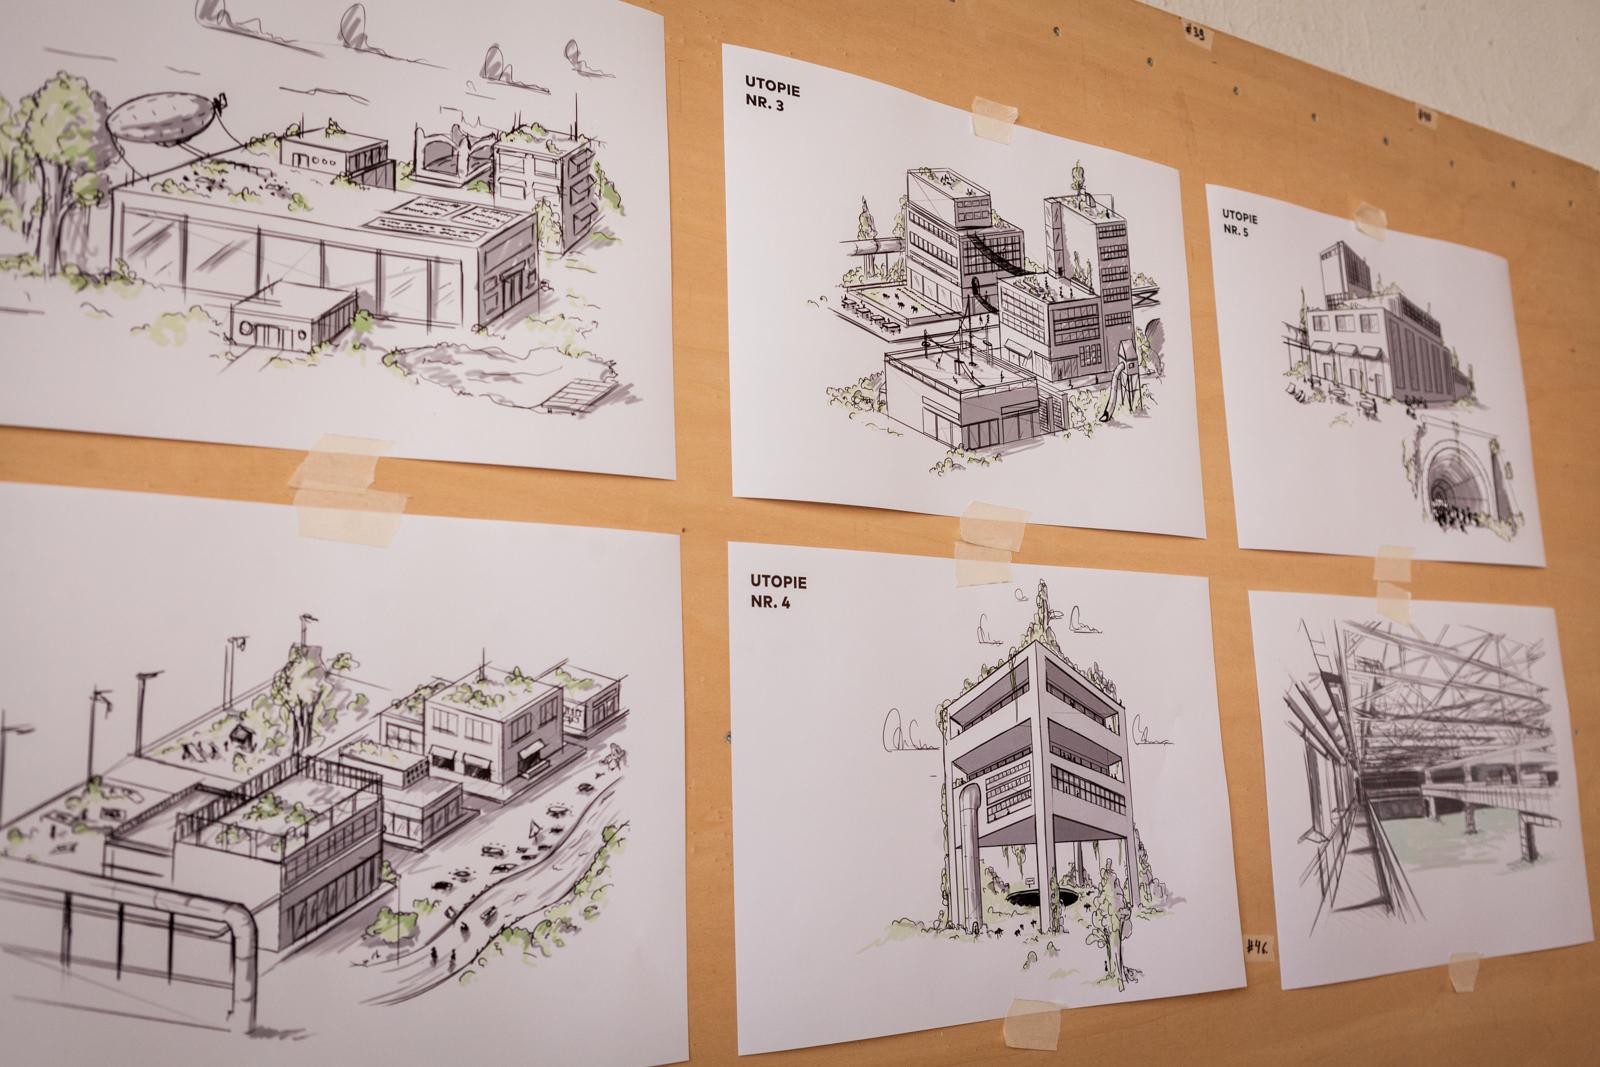 ….skizzieren Visionen von künftigen Nutzungen industrieller Areale.